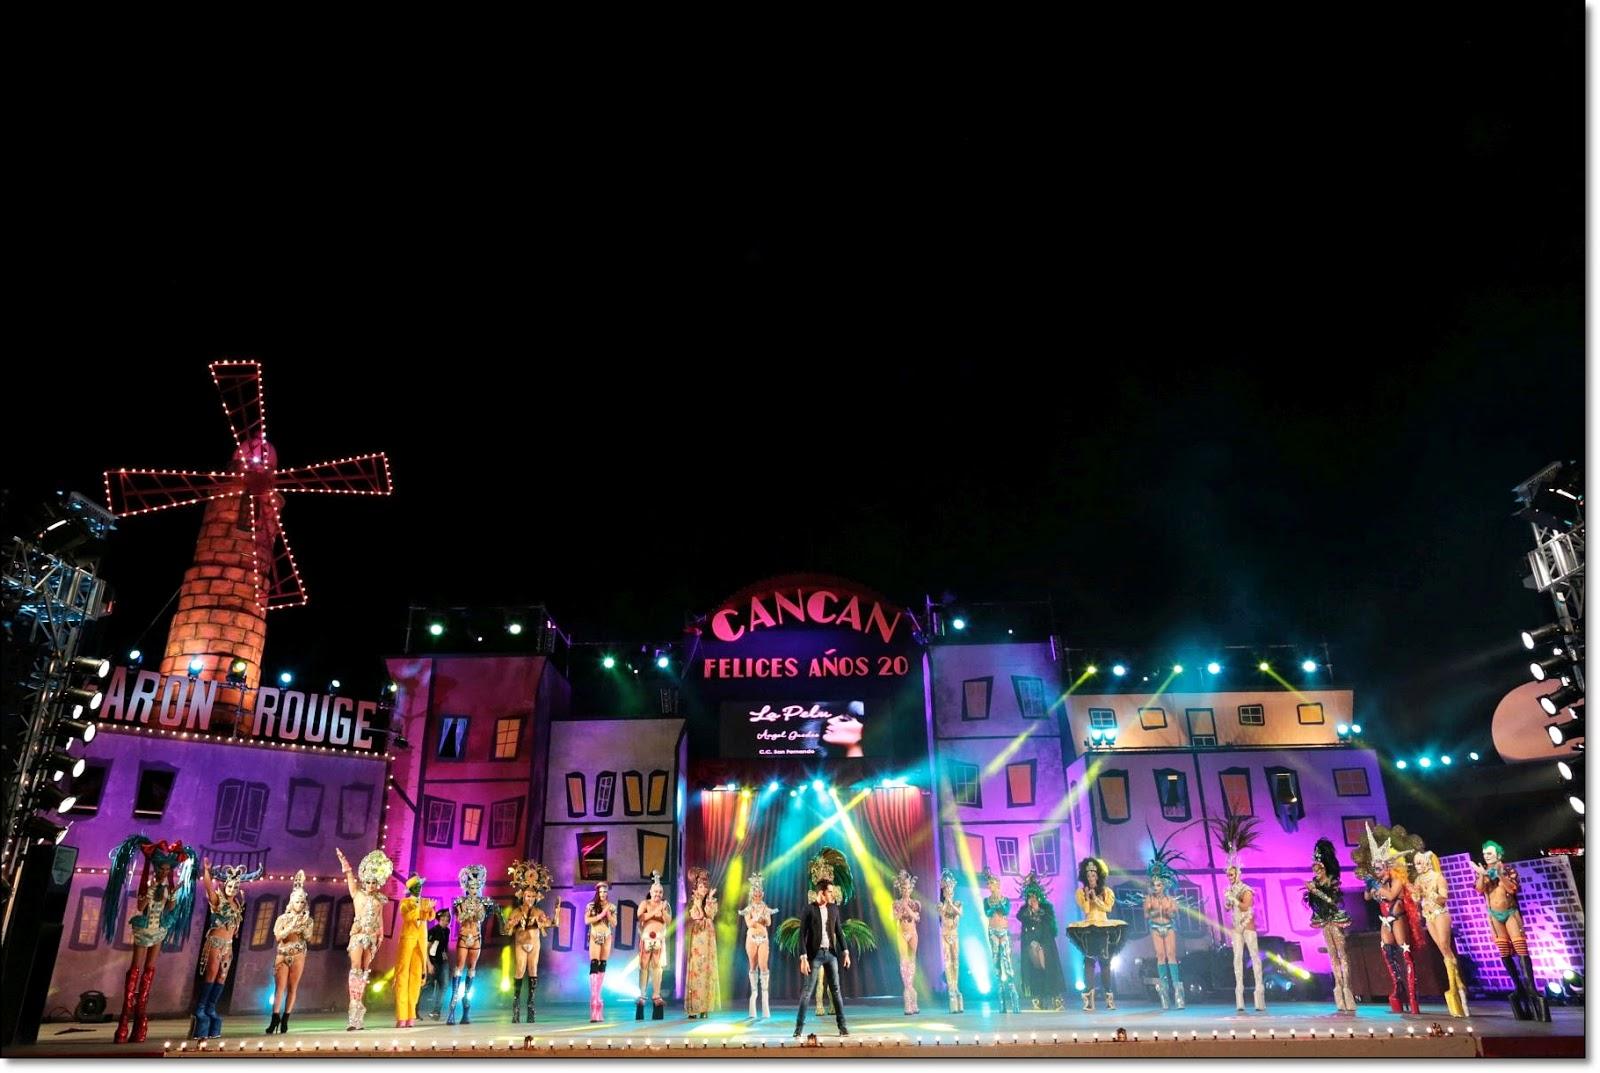 Ver en vivo gala drag queen 2015 Carnaval Maspalomas, Gran canaria